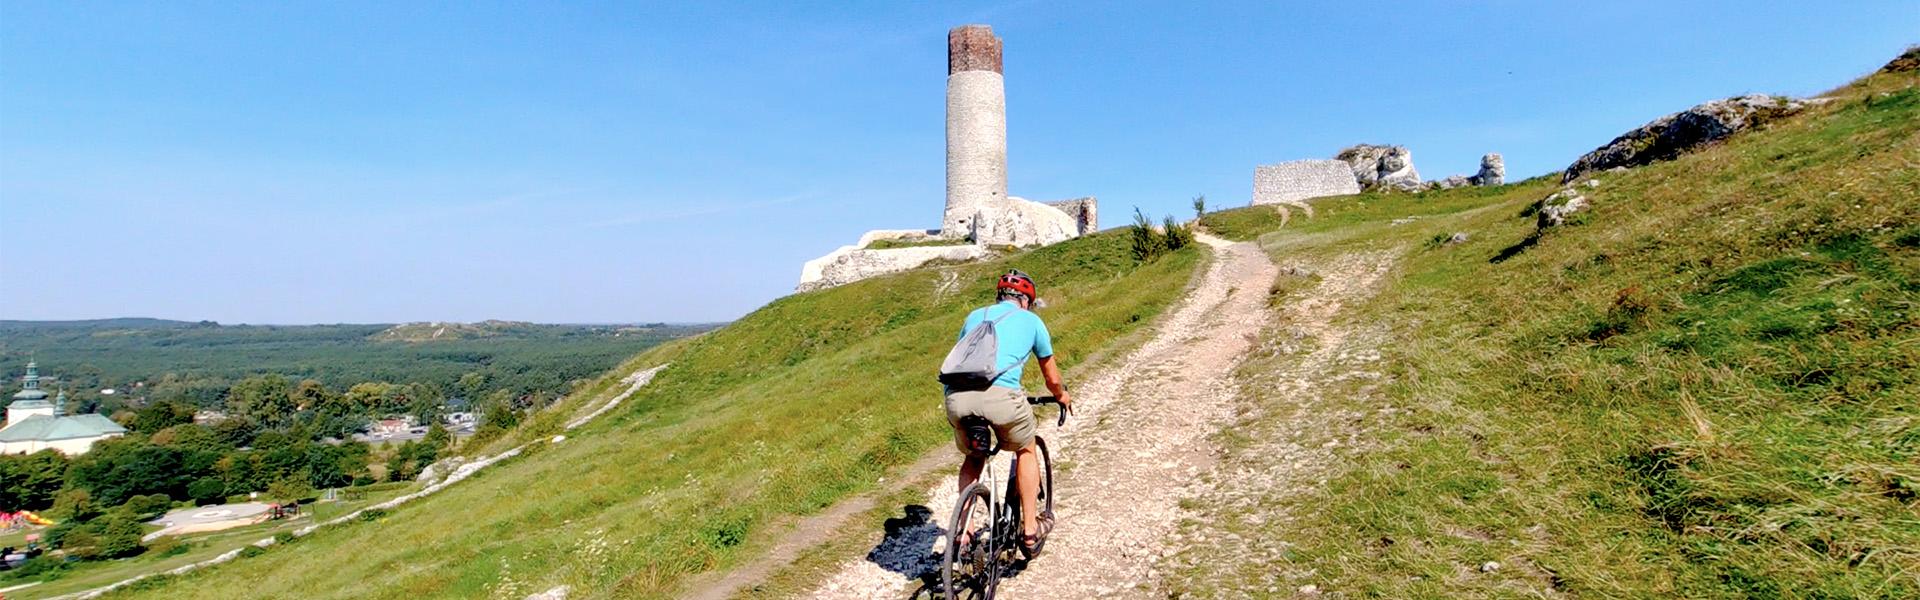 Sasfészek kerékpáros útvonal - Lengyelország